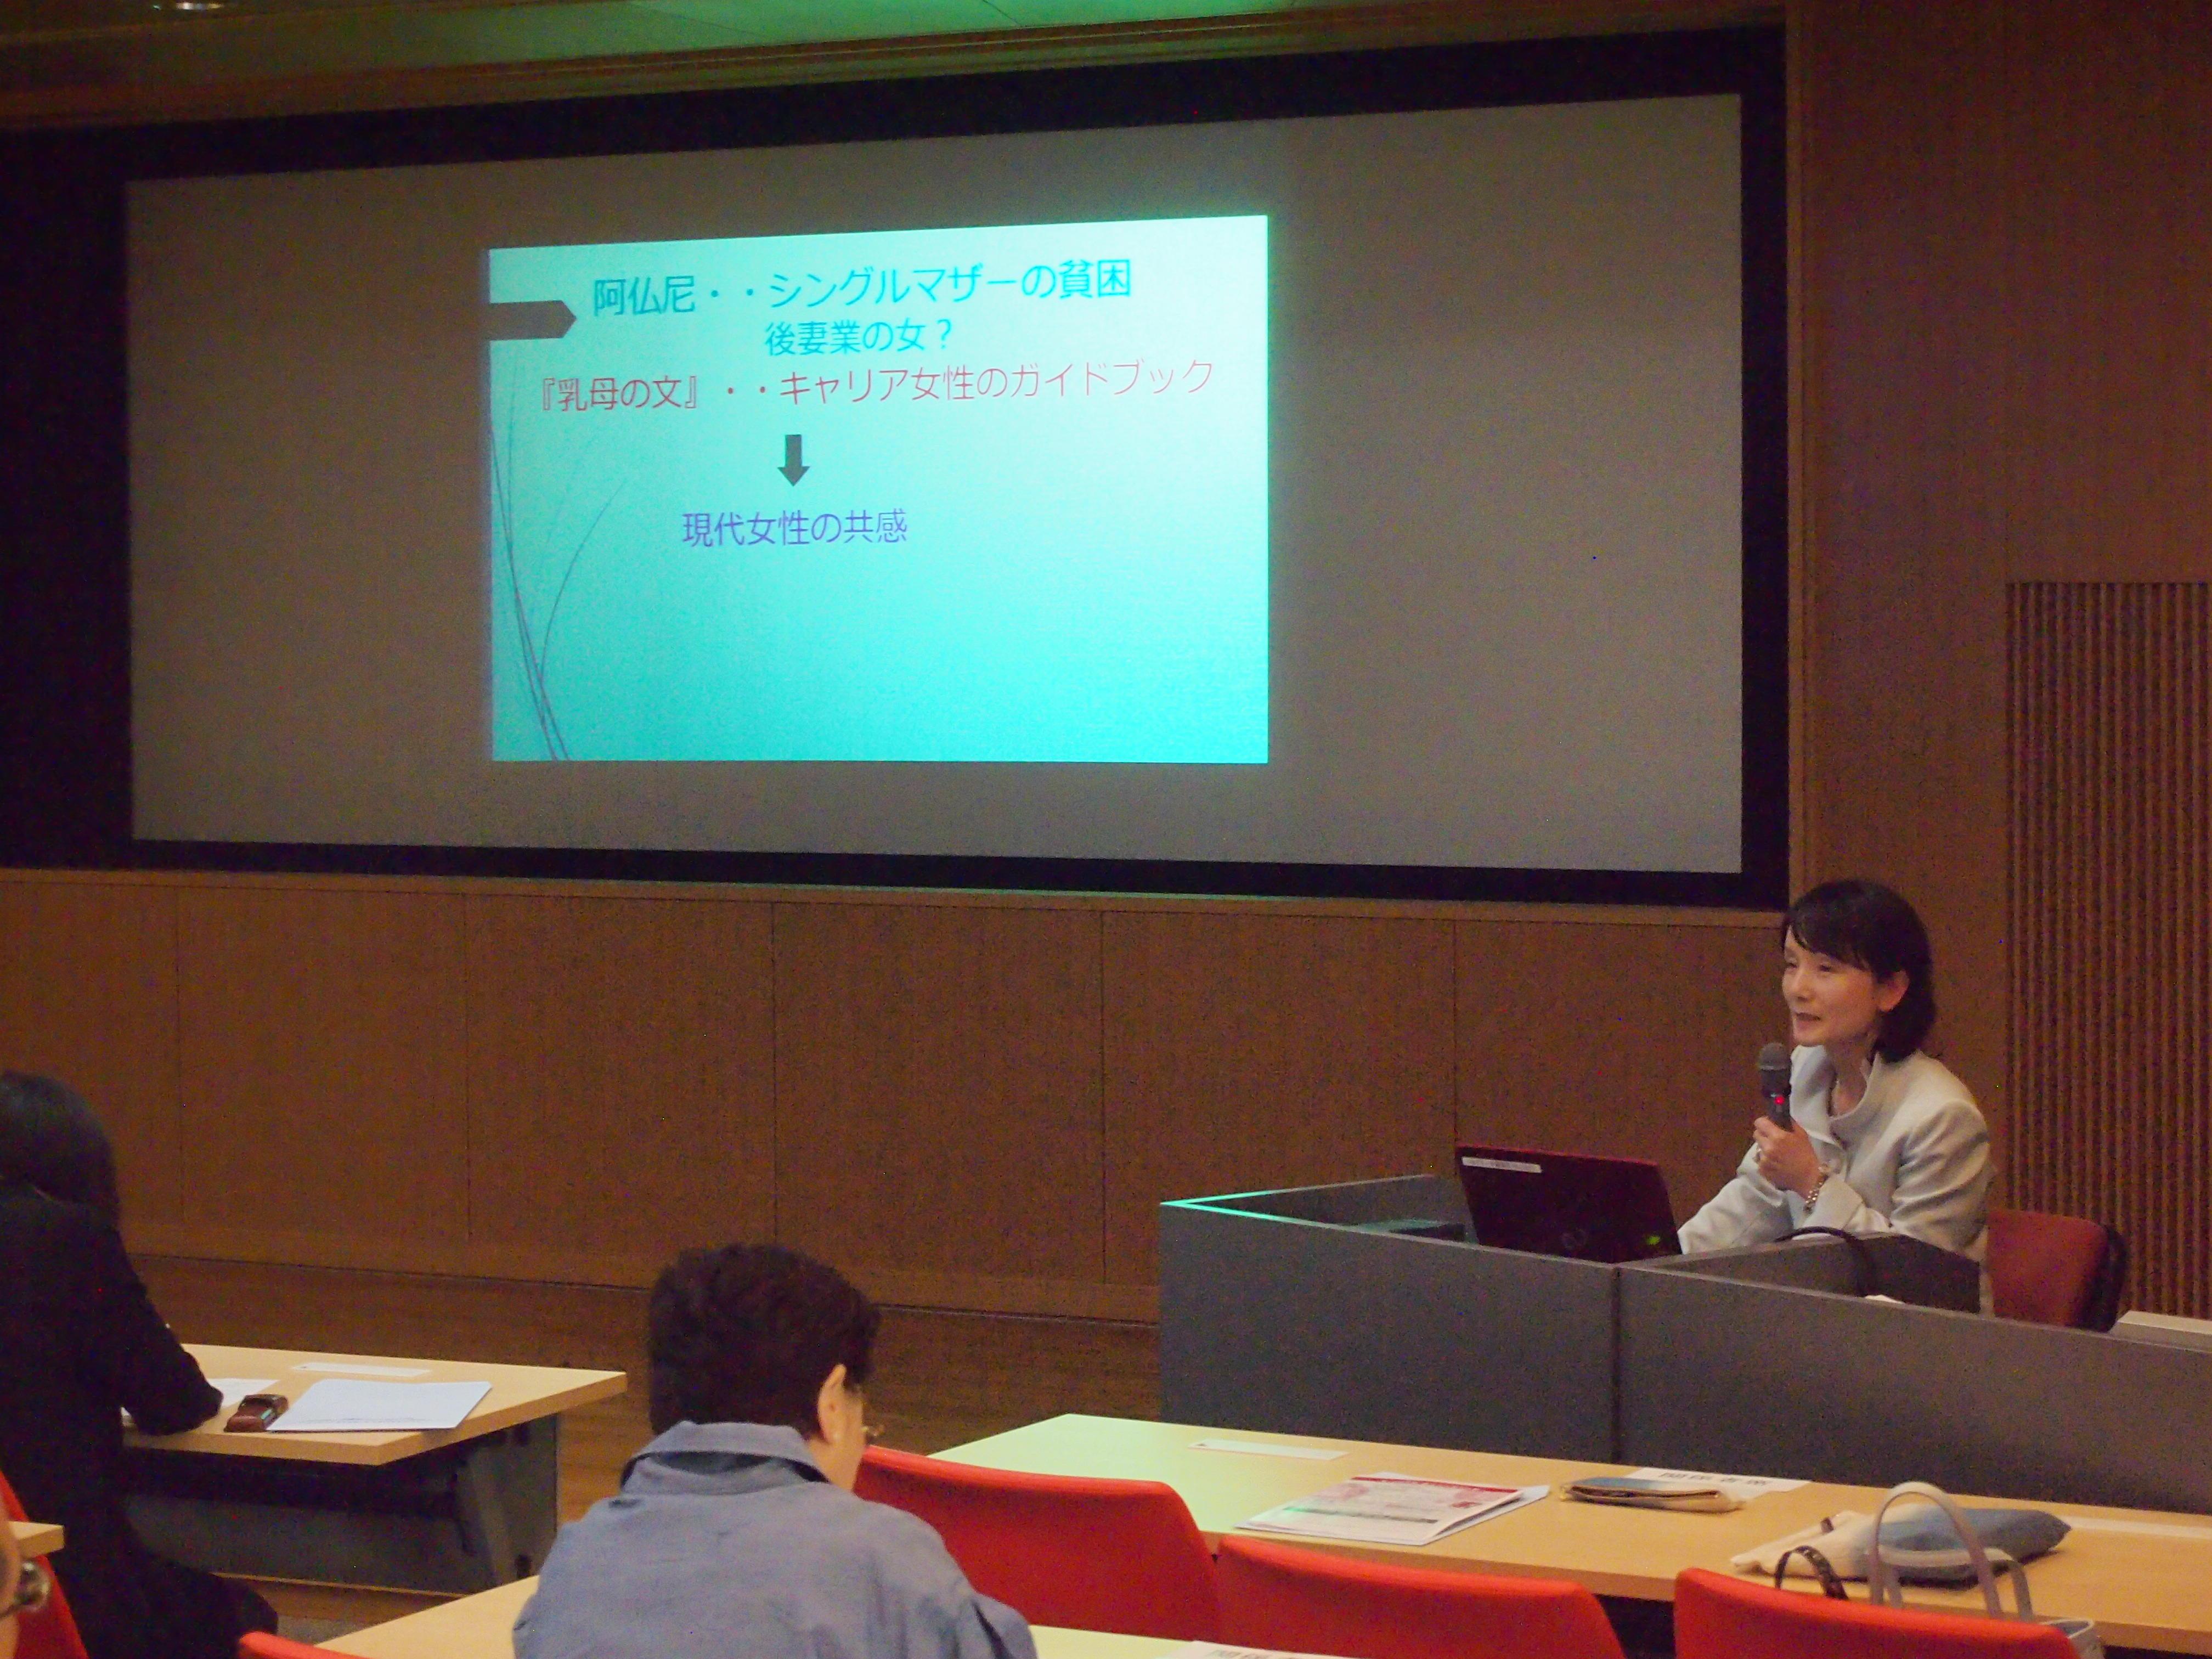 京都産業大学日本文化研究所特別客員研究員(京都・観光文化検定試験1級合格者)が研究成果を発表